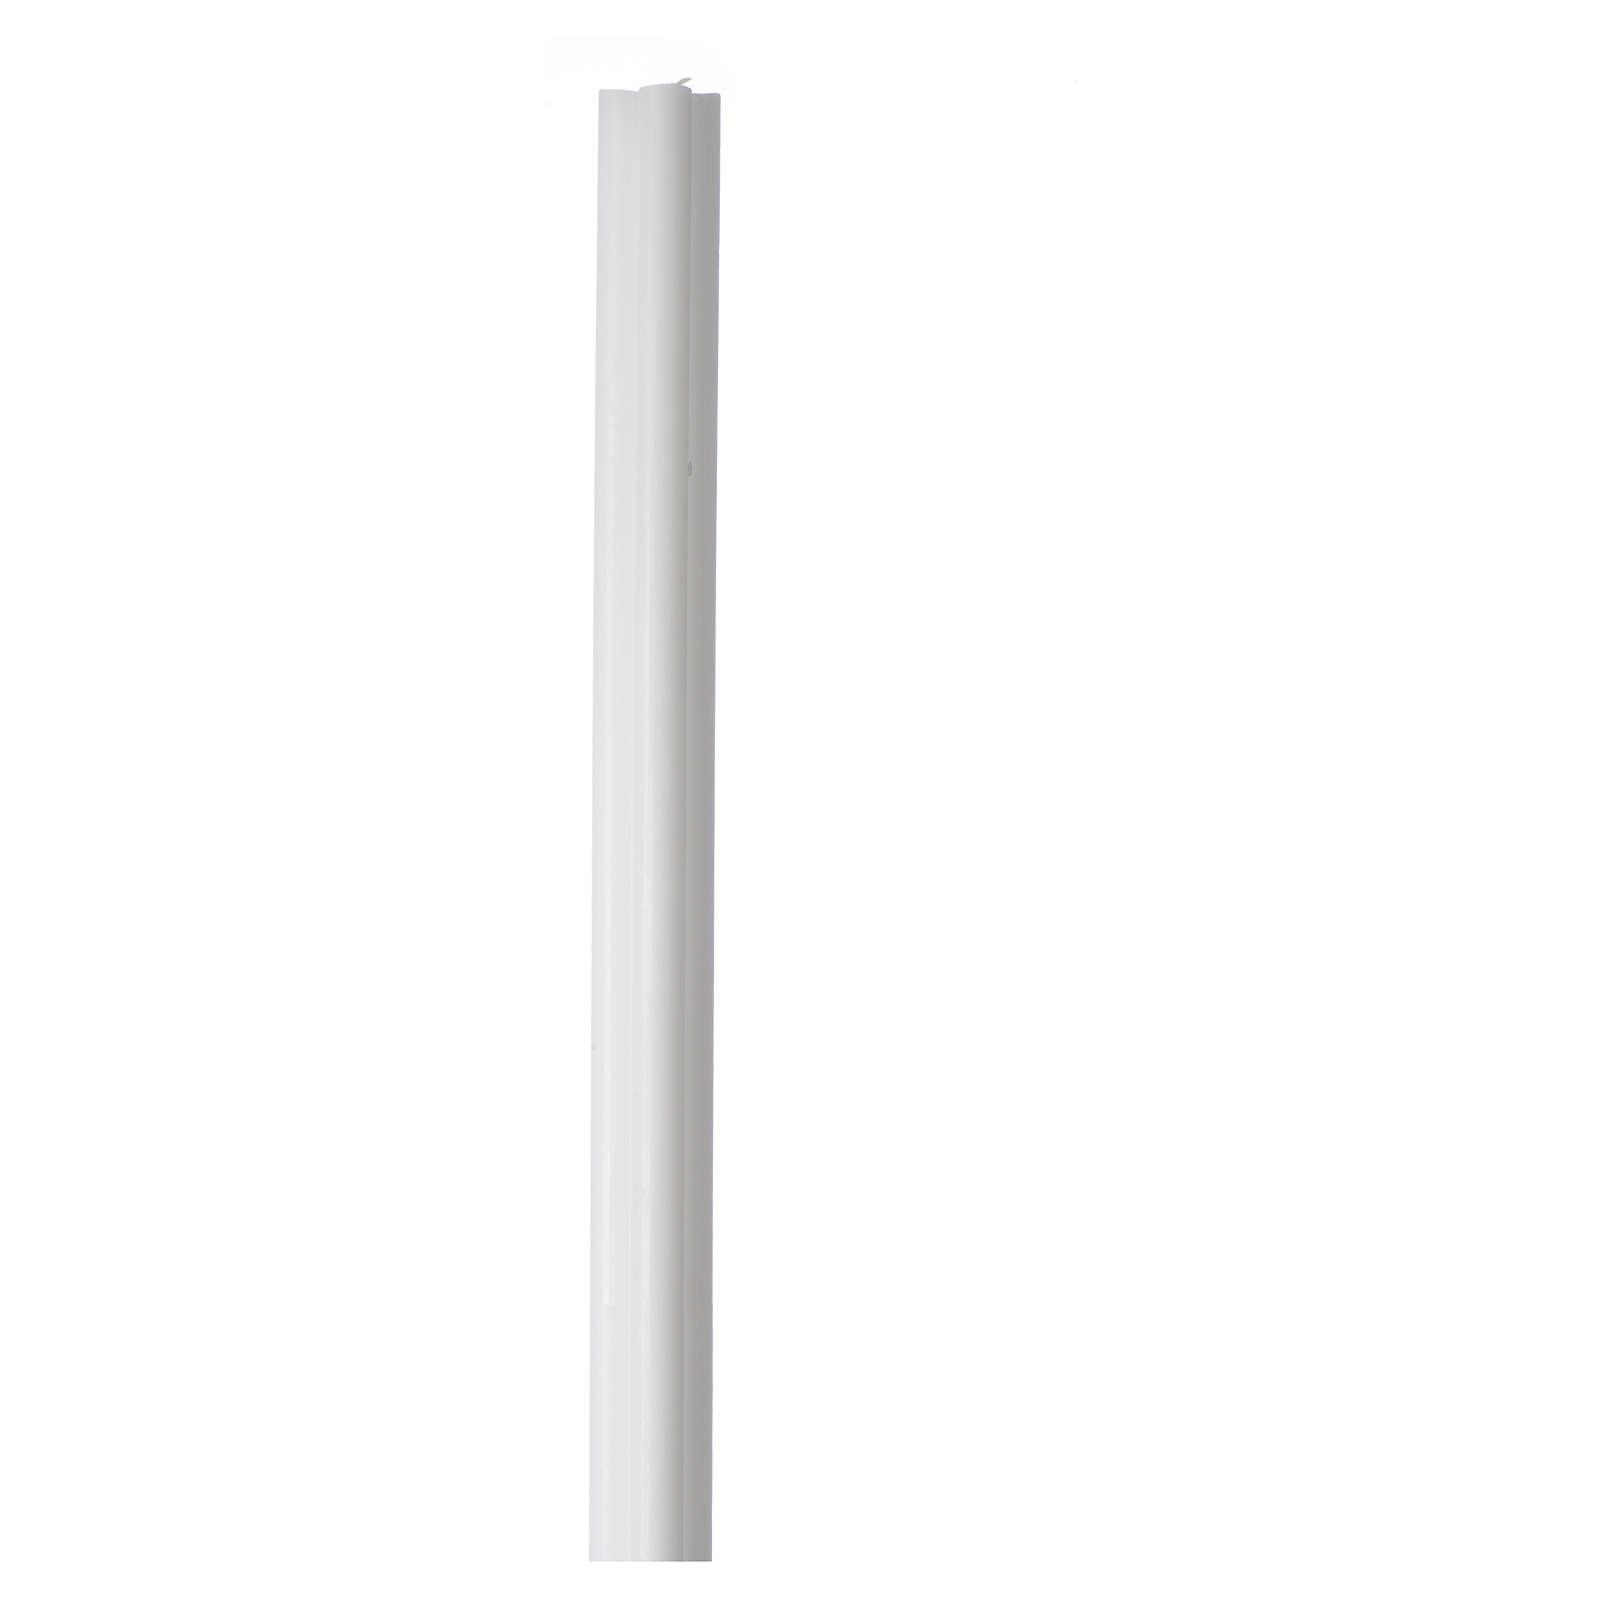 Vela estilo antorcha 800x50x50 mm cera blanca (paquete) 3